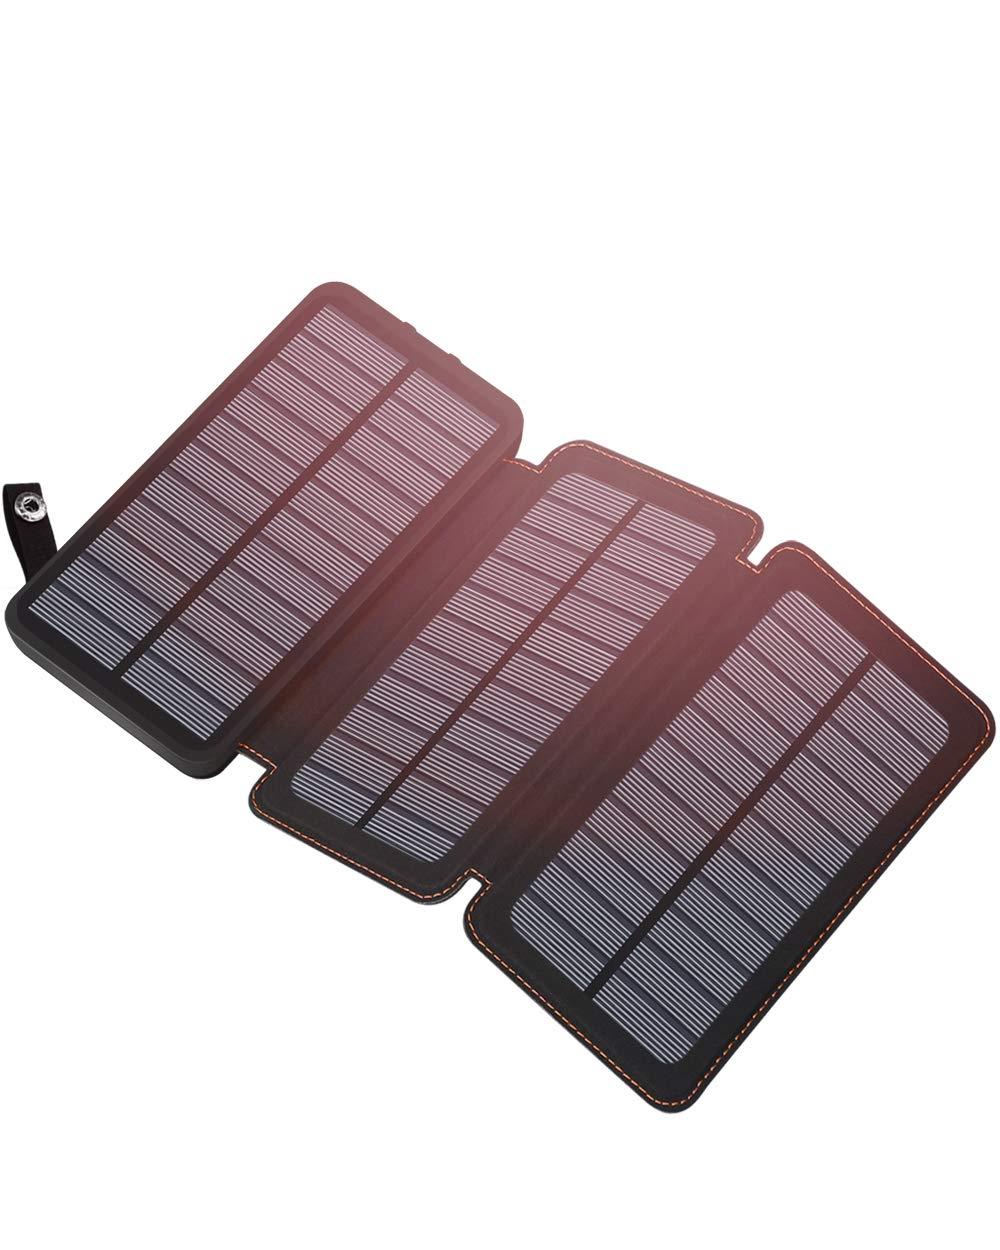 ADDTOP Cargador Solar Portatil 24000mAh, Batería Externa de 2 Puertos...